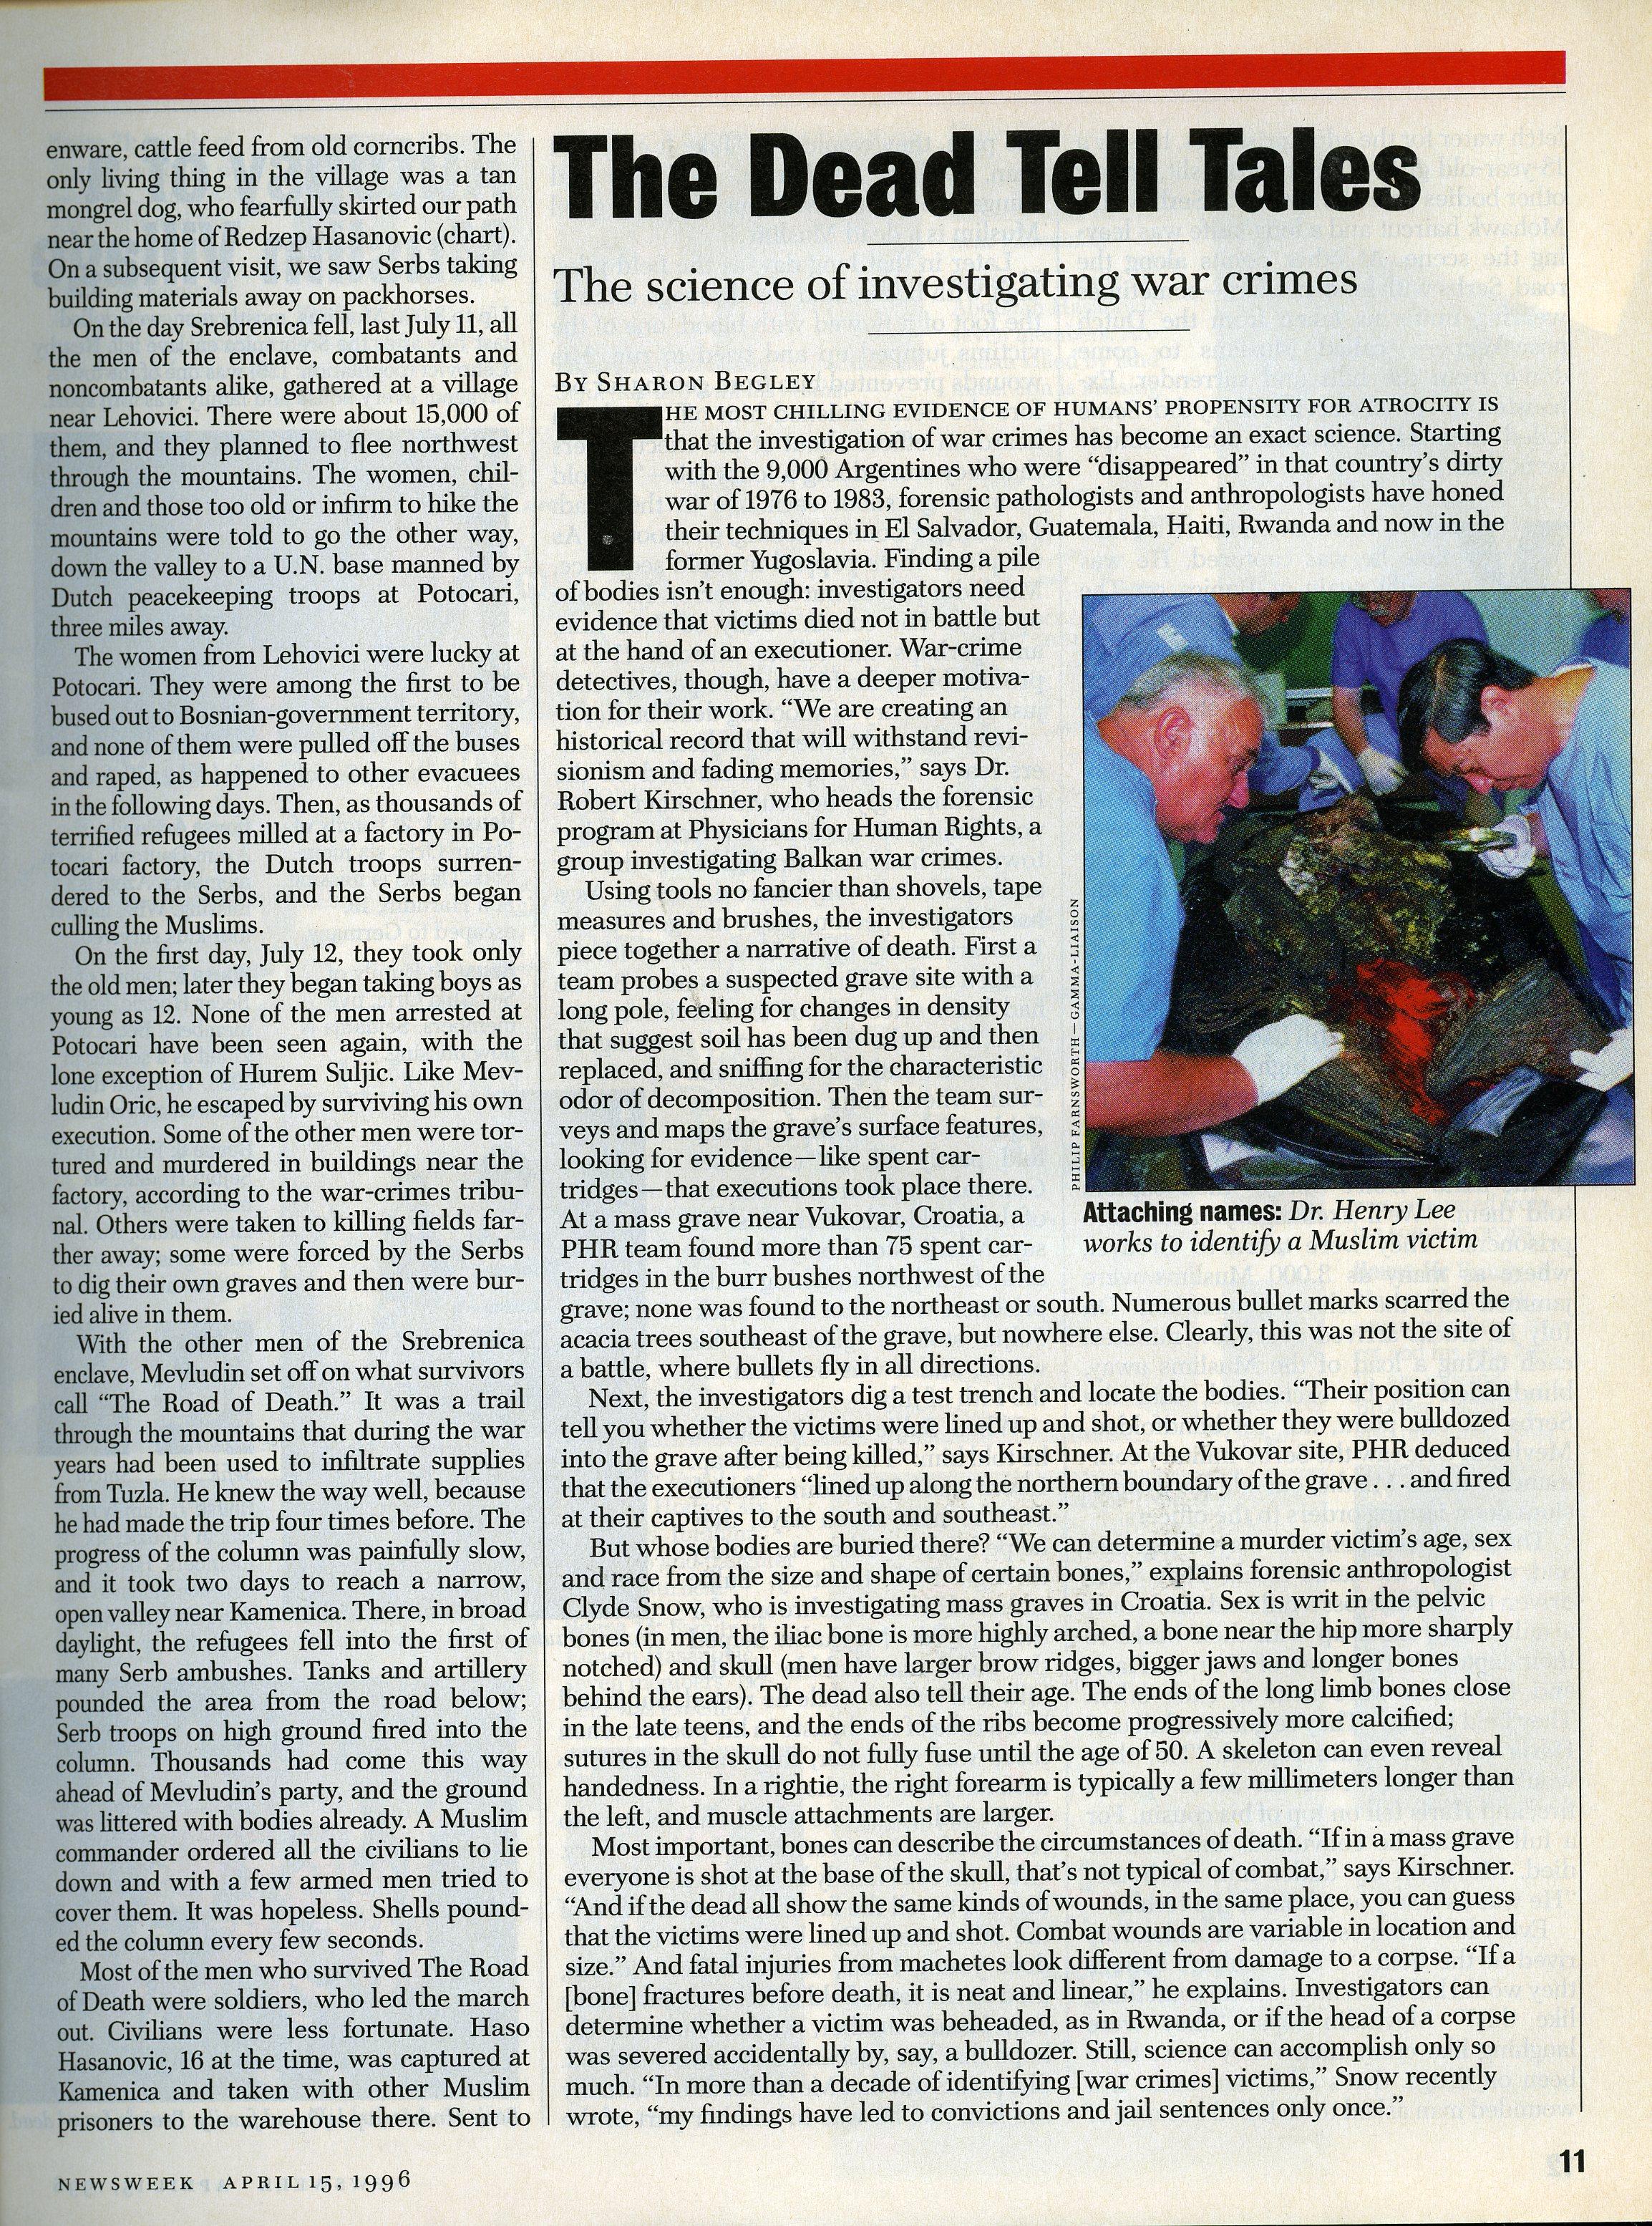 04151996_NEWSWEEK_BOSNIA_4.jpg